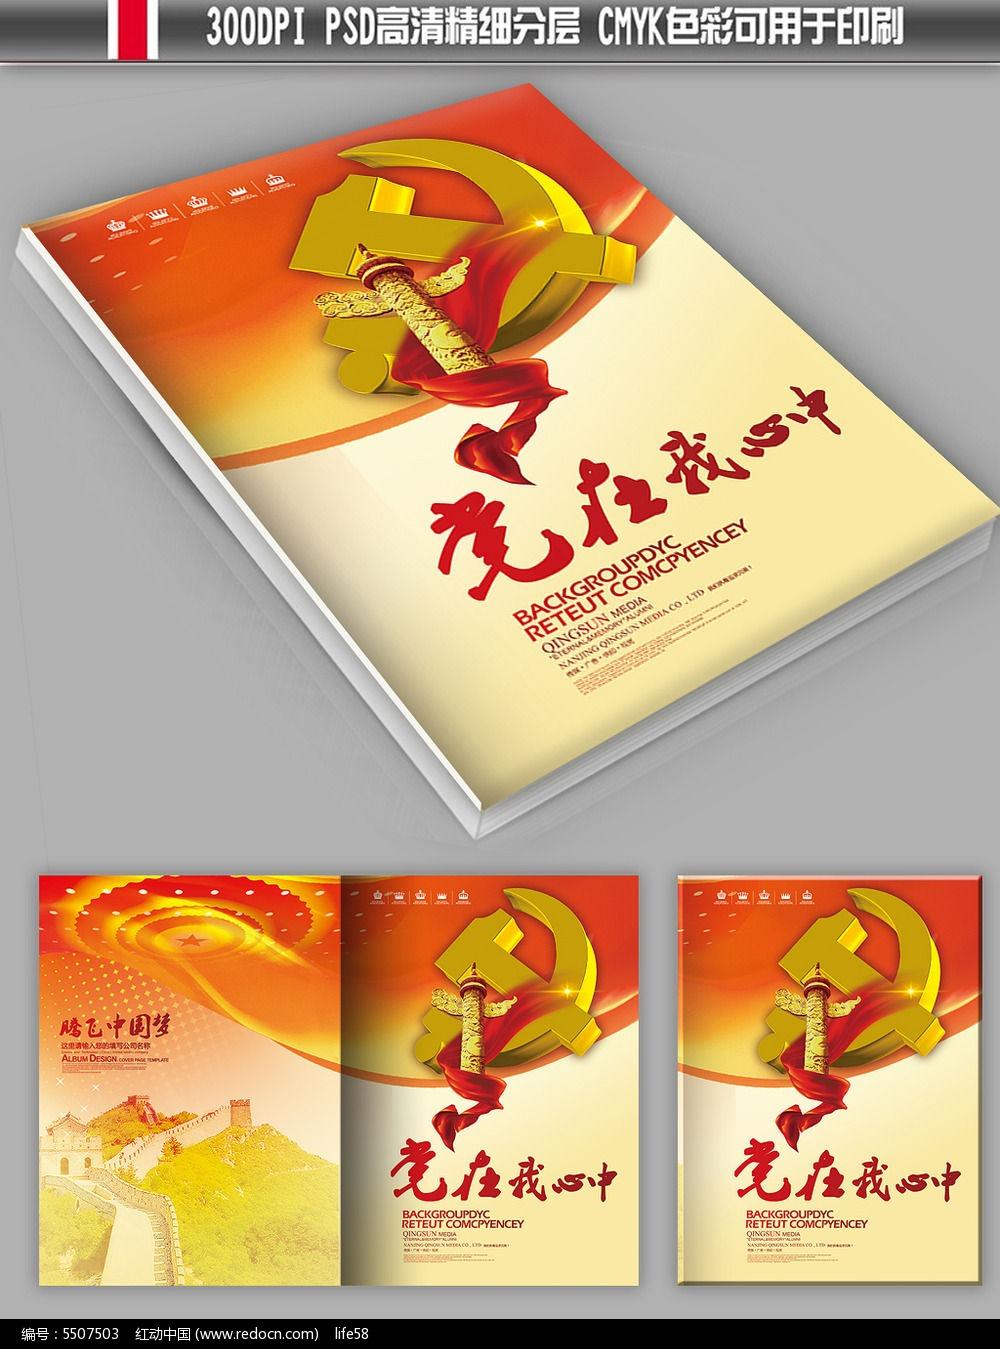 党建政府廉政机关教育学习中国梦画册图册图片